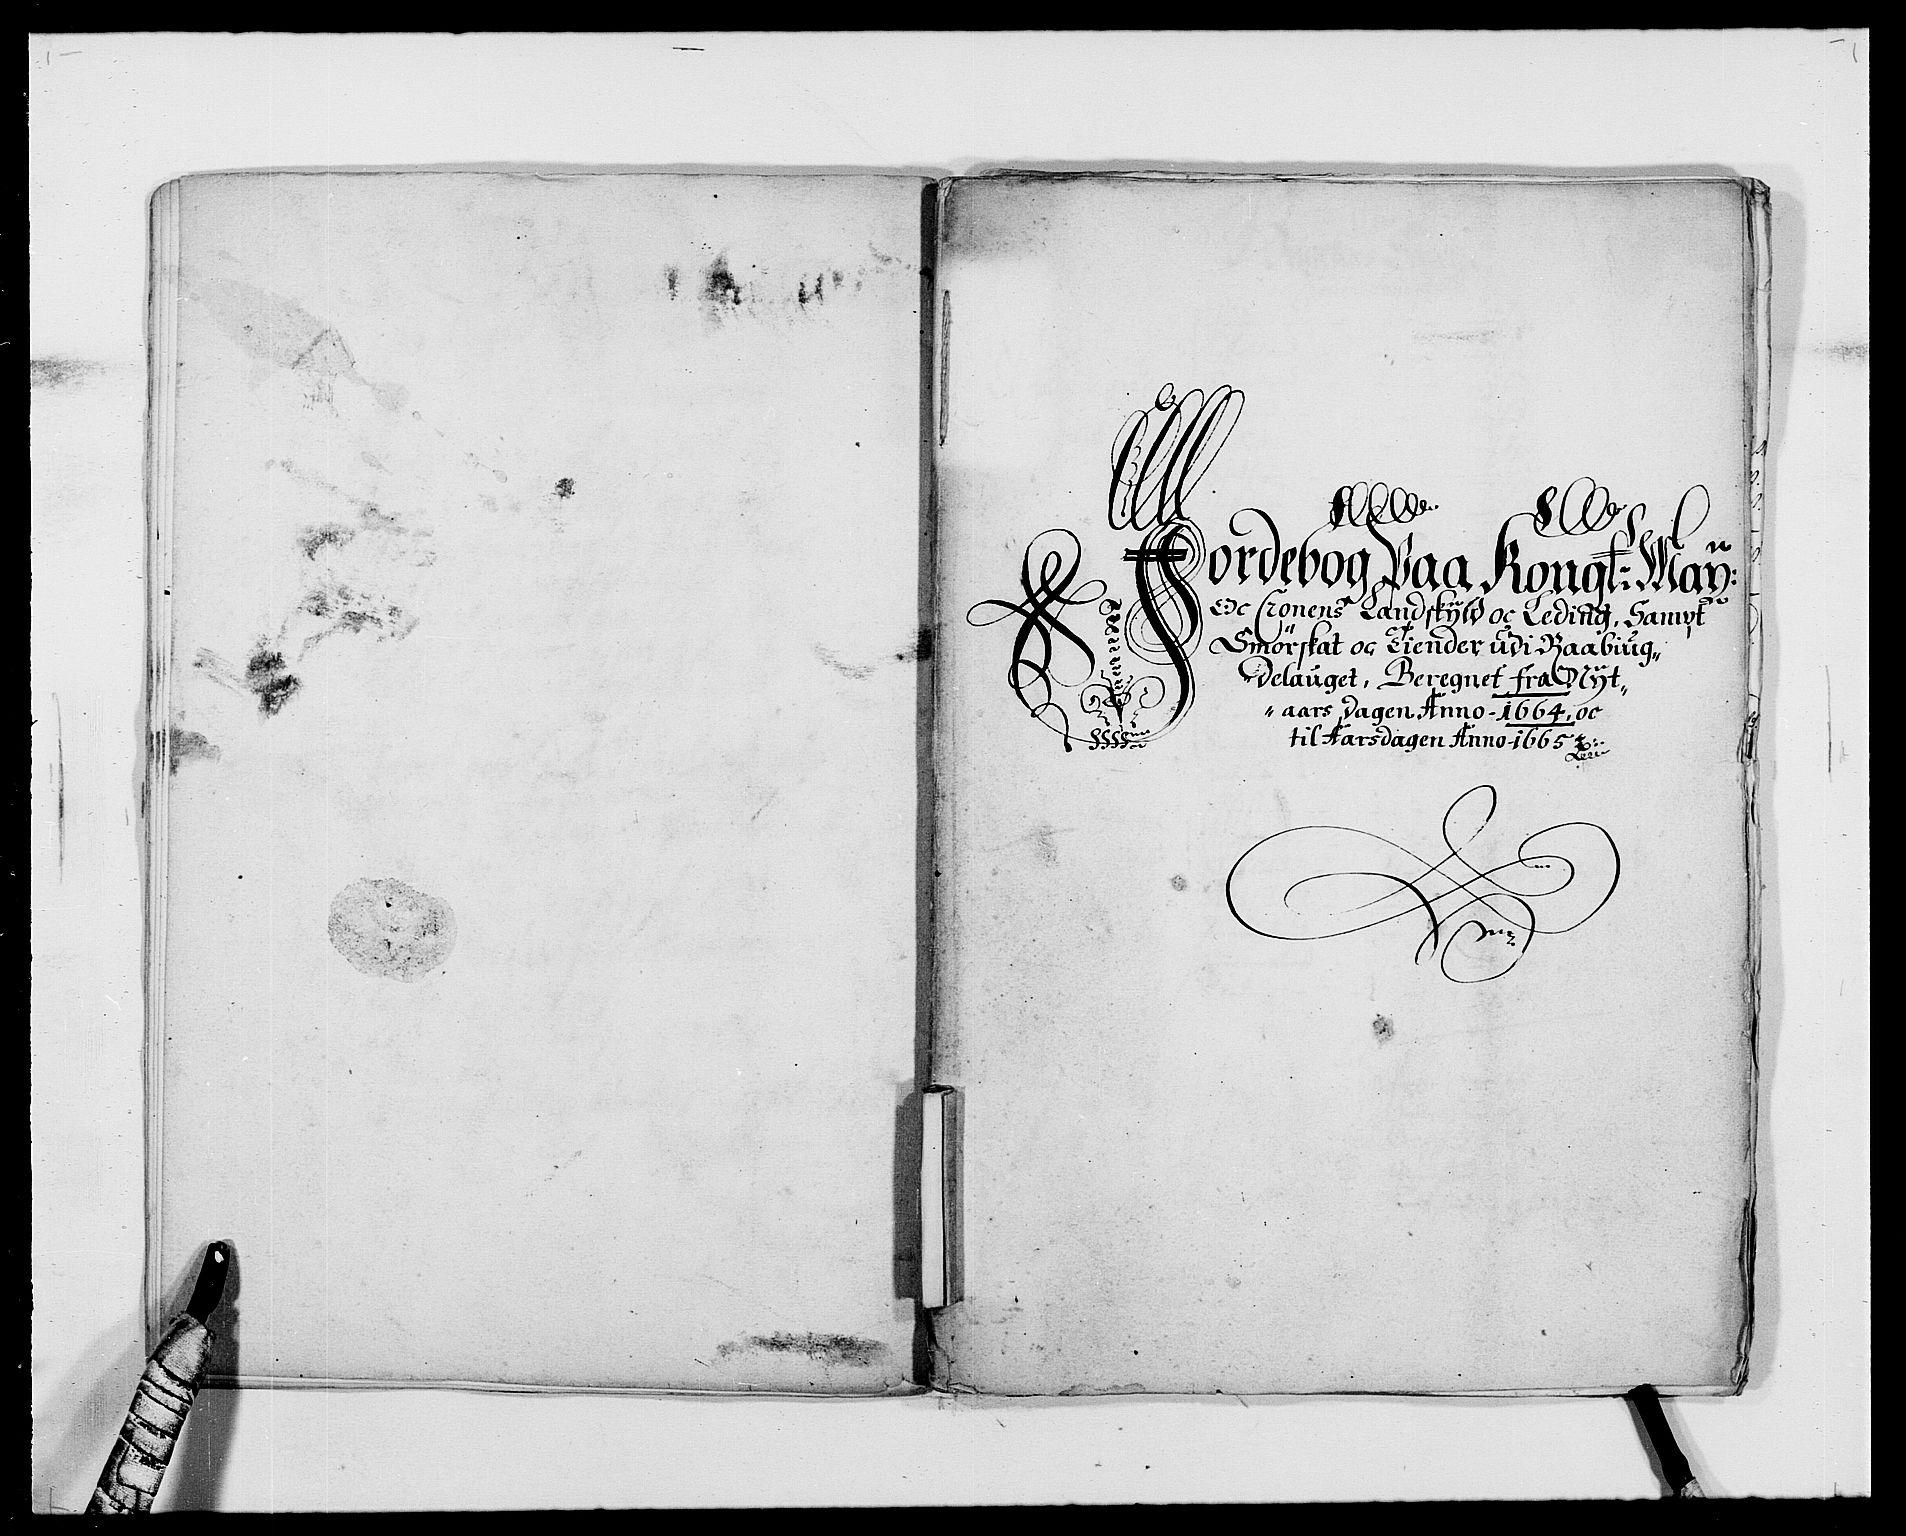 RA, Rentekammeret inntil 1814, Reviderte regnskaper, Fogderegnskap, R40/L2431: Fogderegnskap Råbyggelag, 1664-1668, s. 11